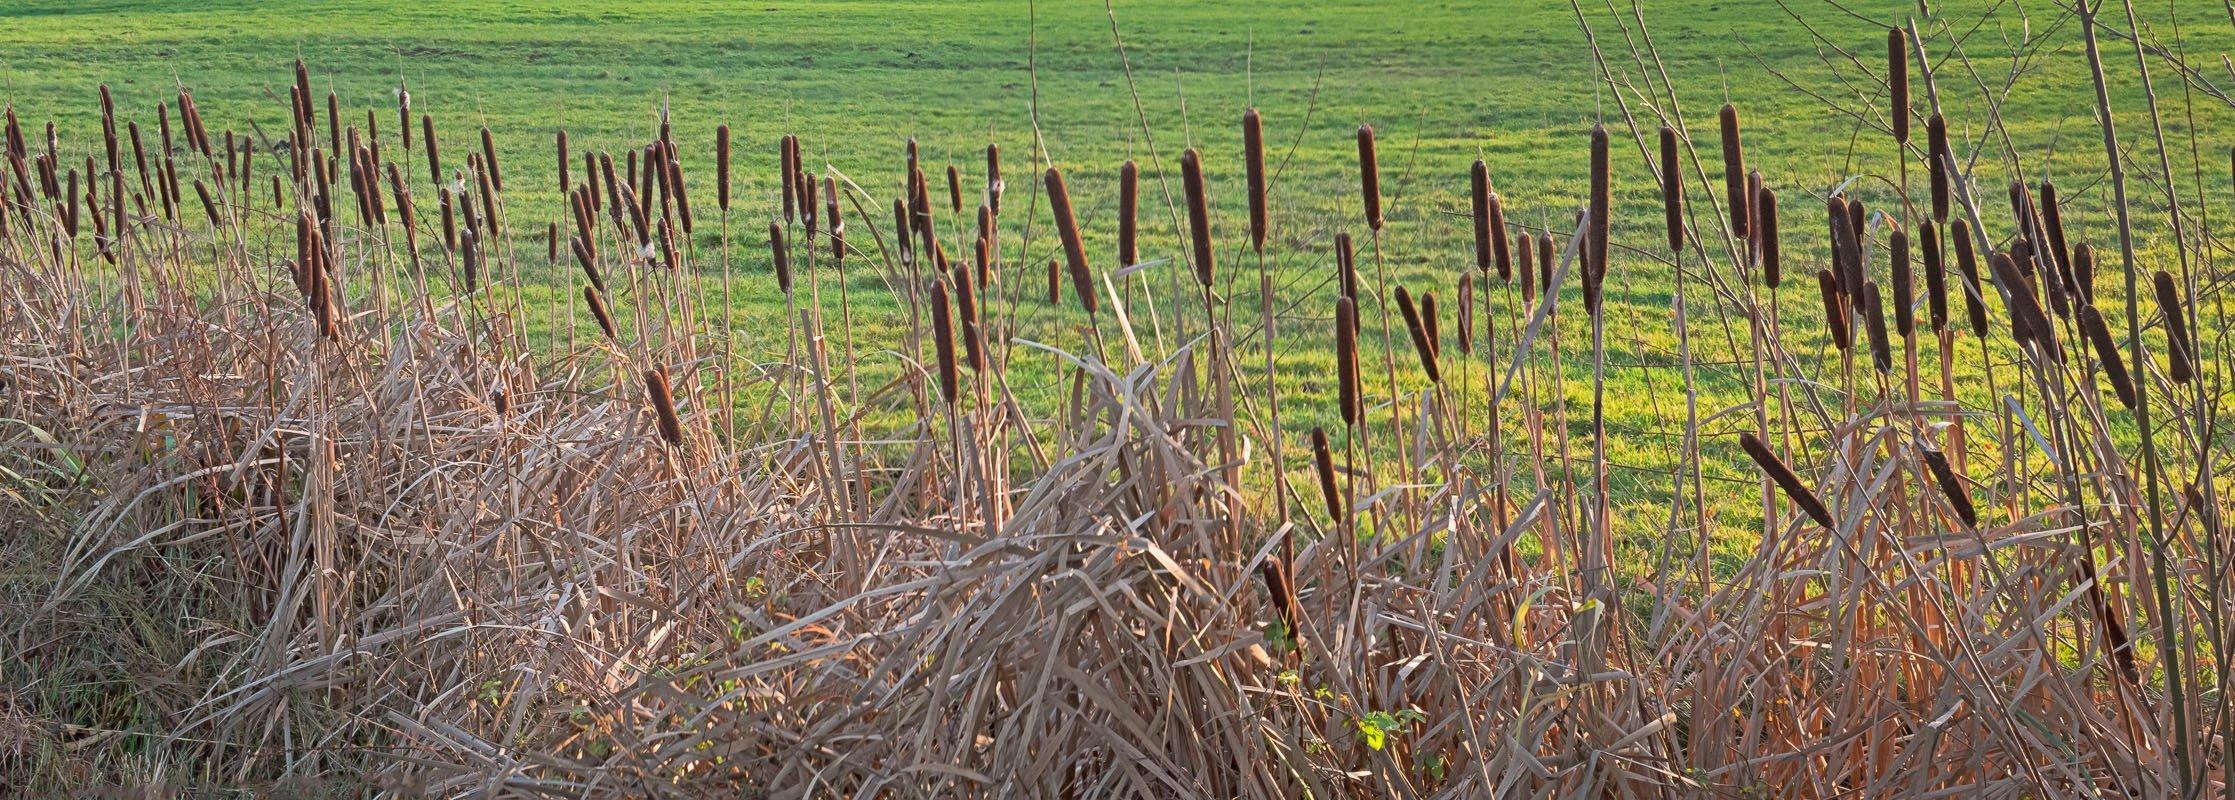 Een rijtje met sigaren planten (grote lisdodde)